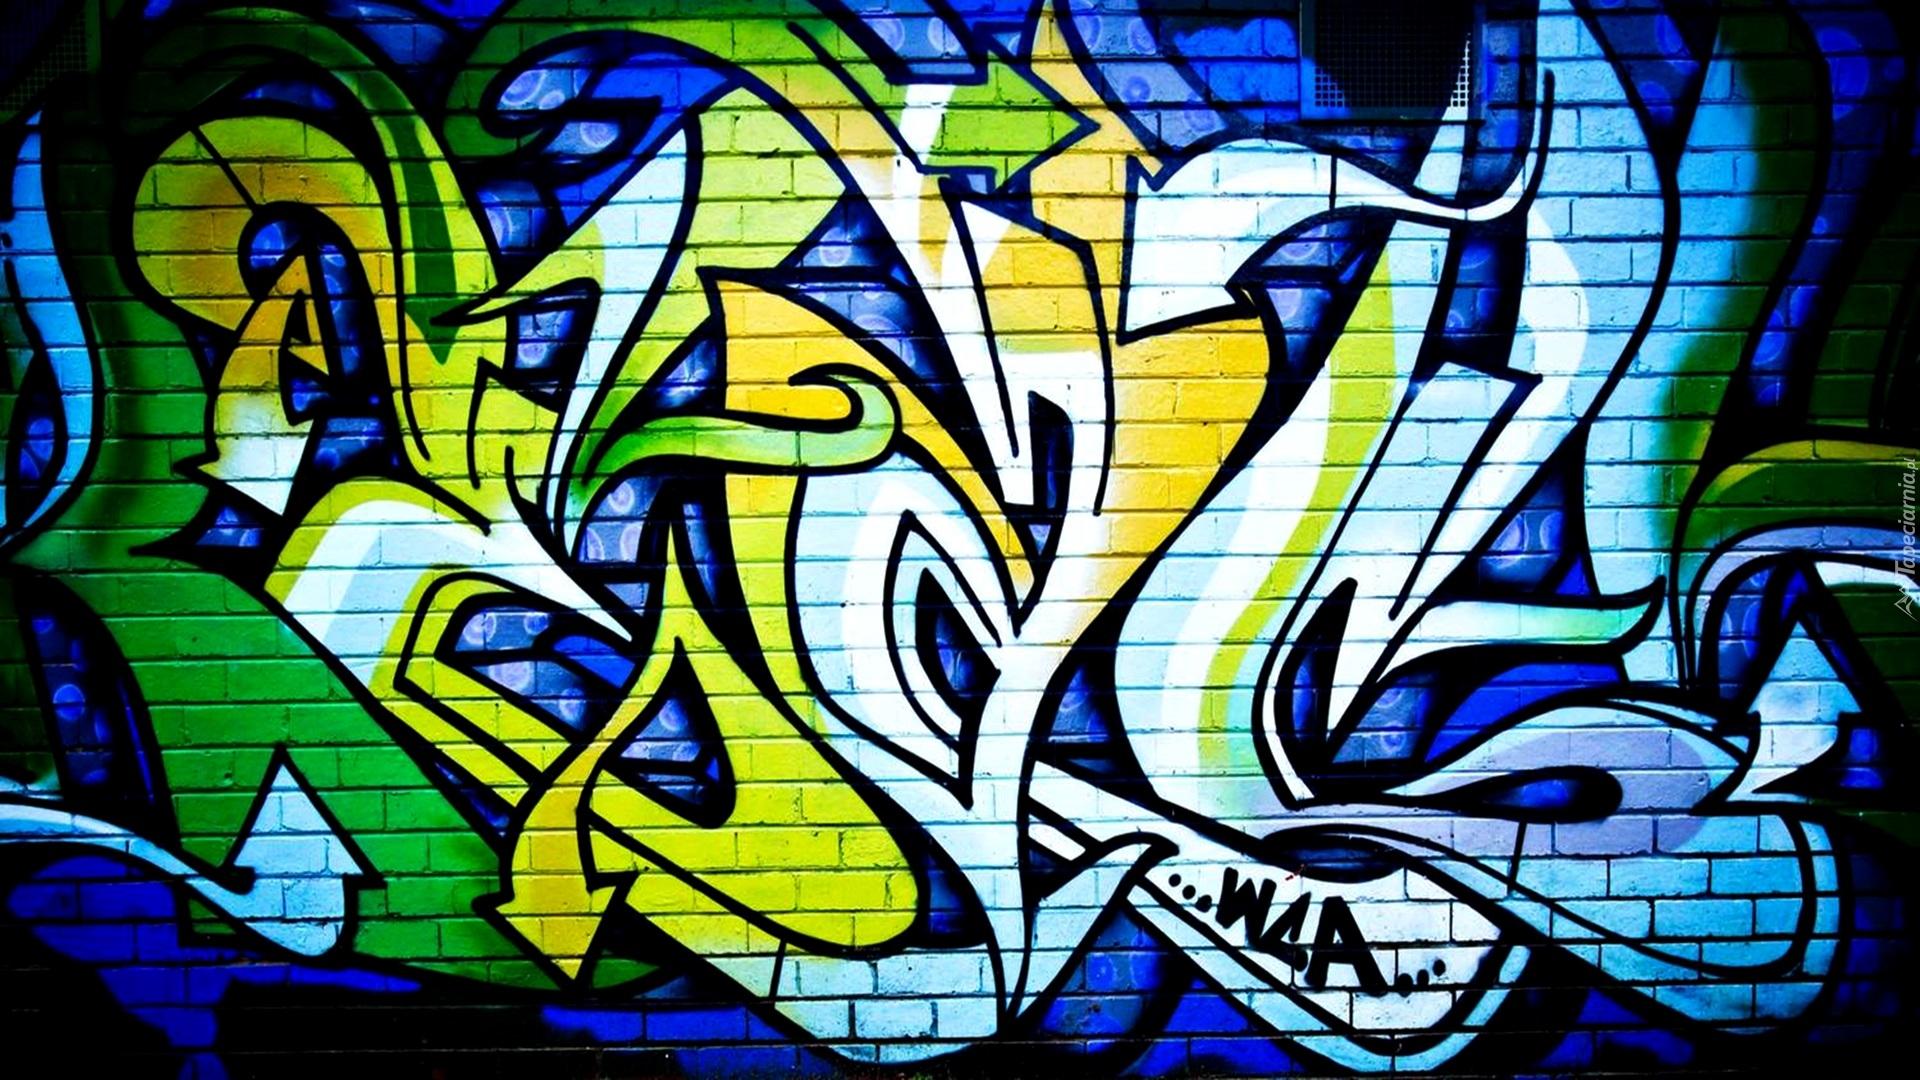 Graffiti na murze z ceg y for Immagini graffiti hd